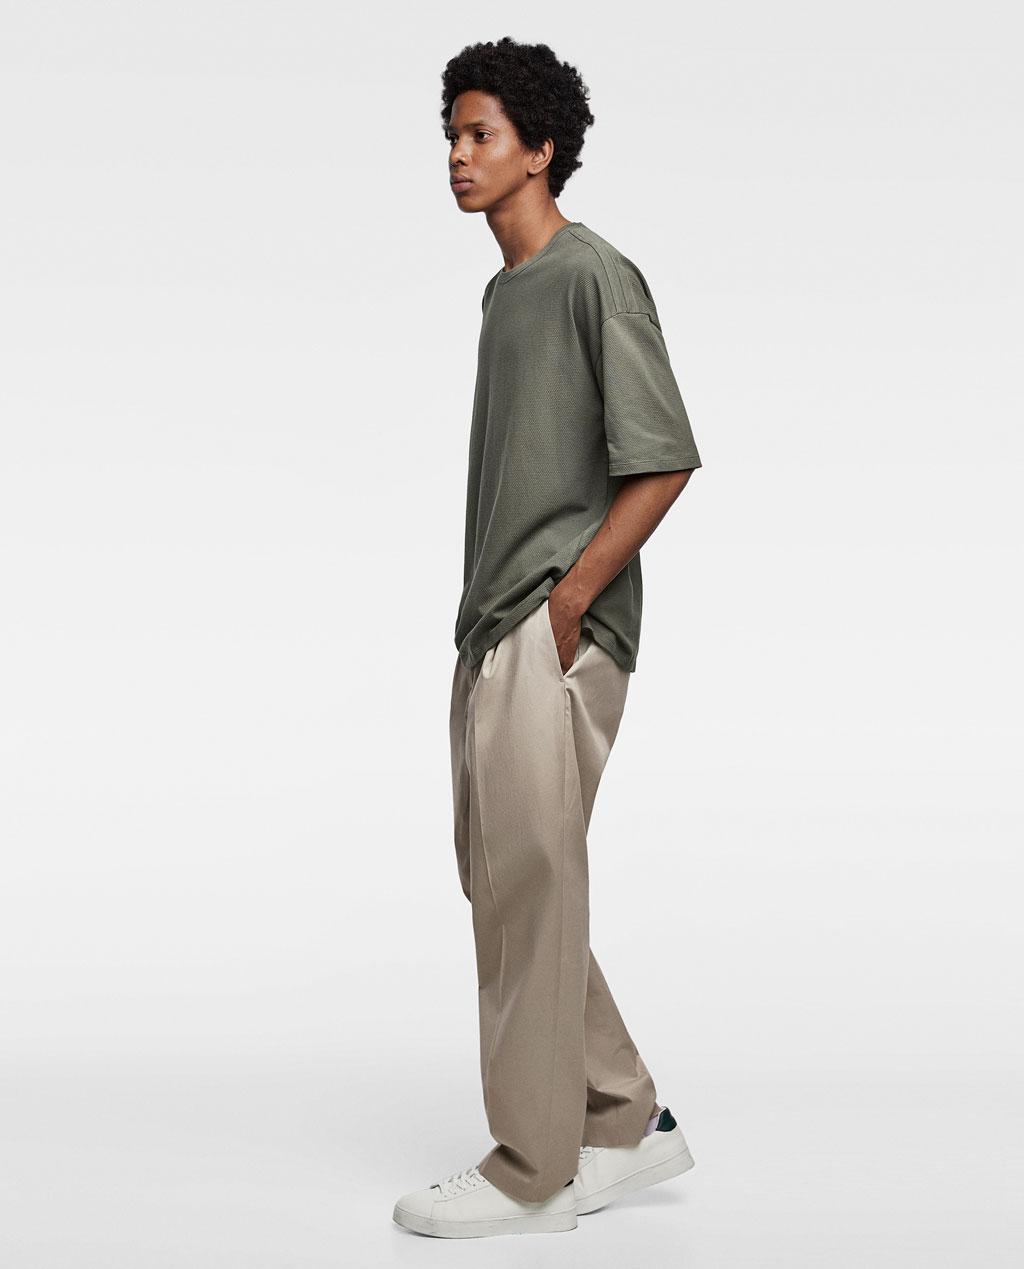 Thời trang nam Zara  24013 - ảnh 8